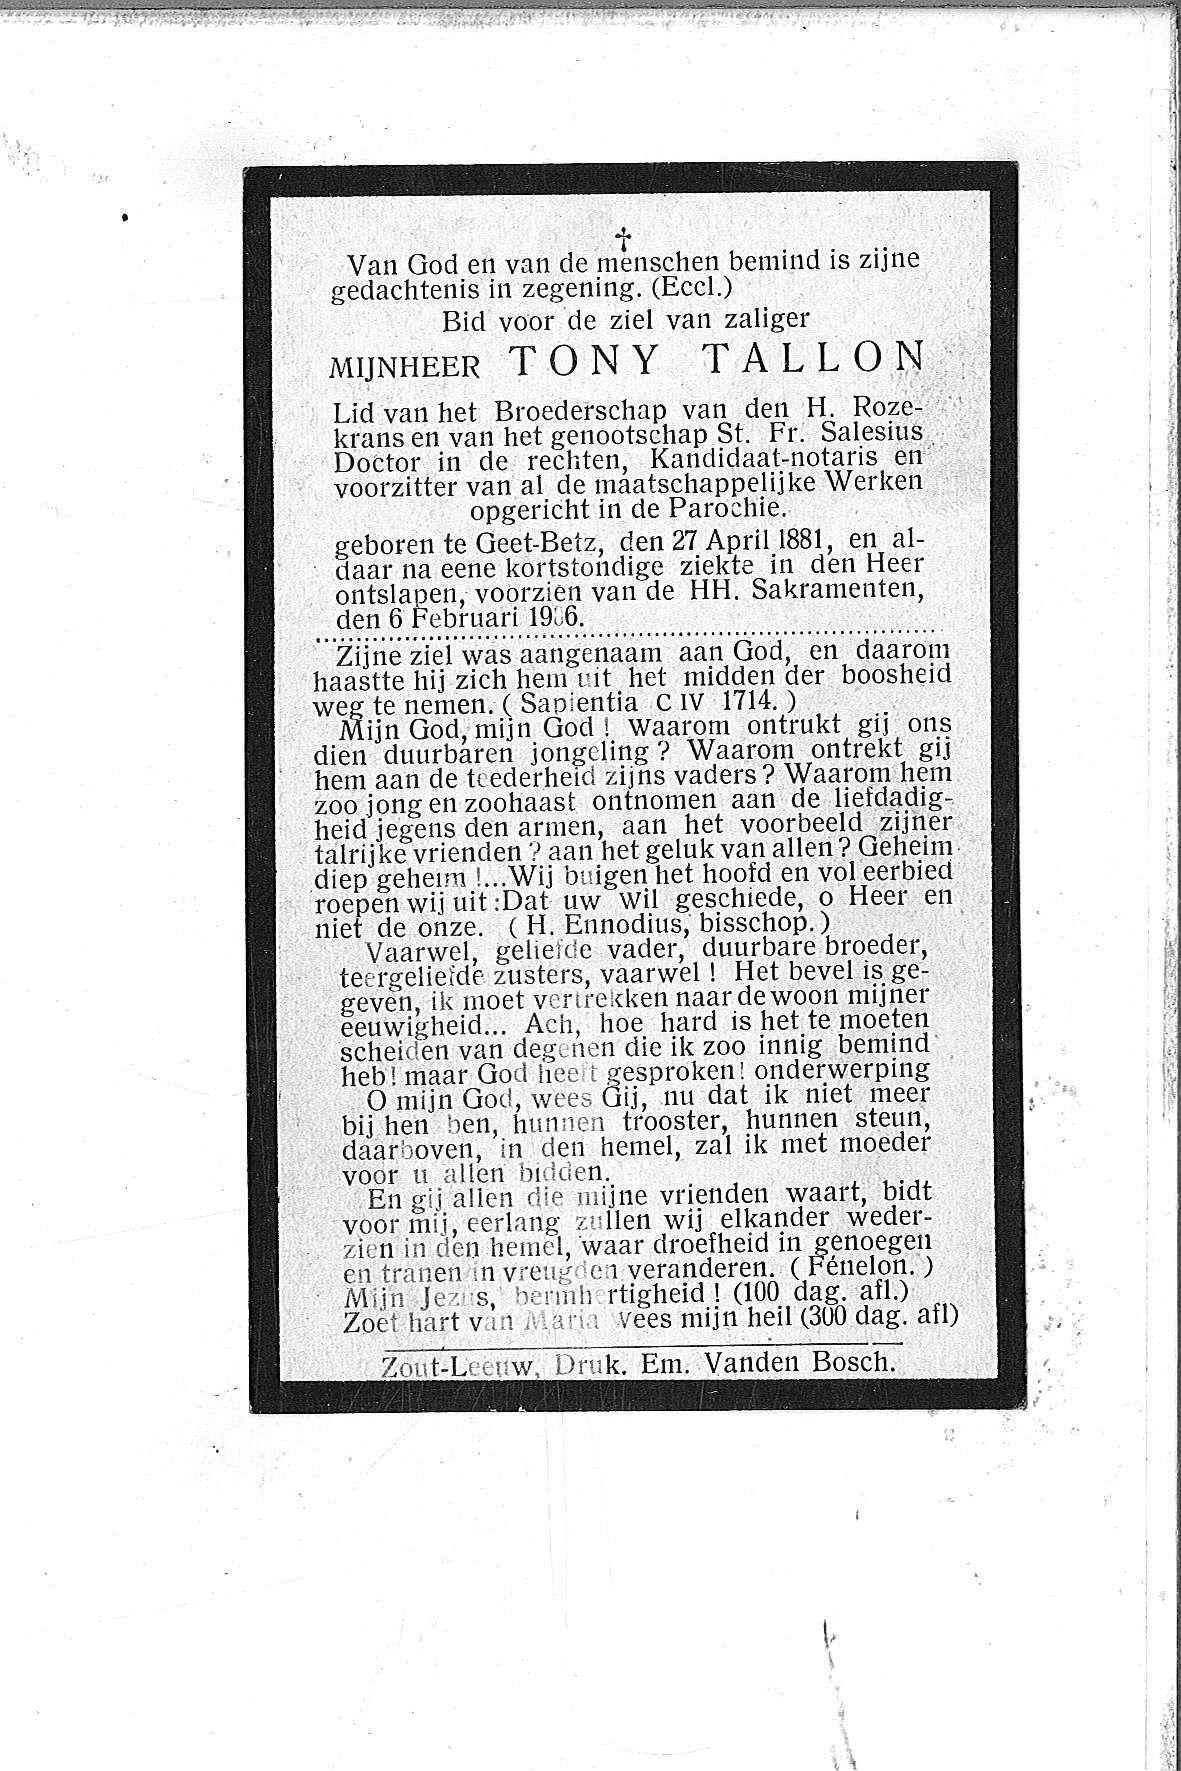 Tony(1906)20140717093213_00068.jpg